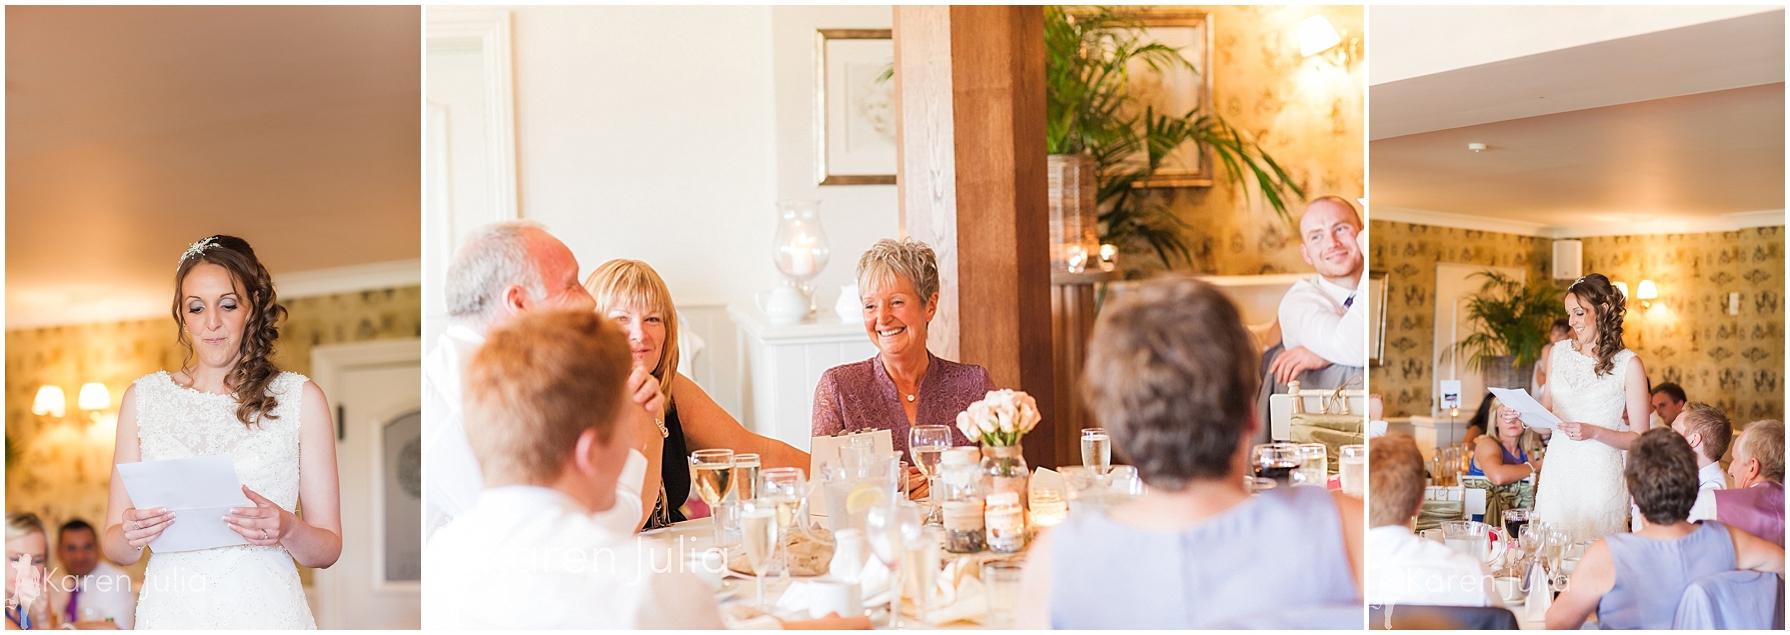 Shireburn-Arms-Wedding-Photography-42